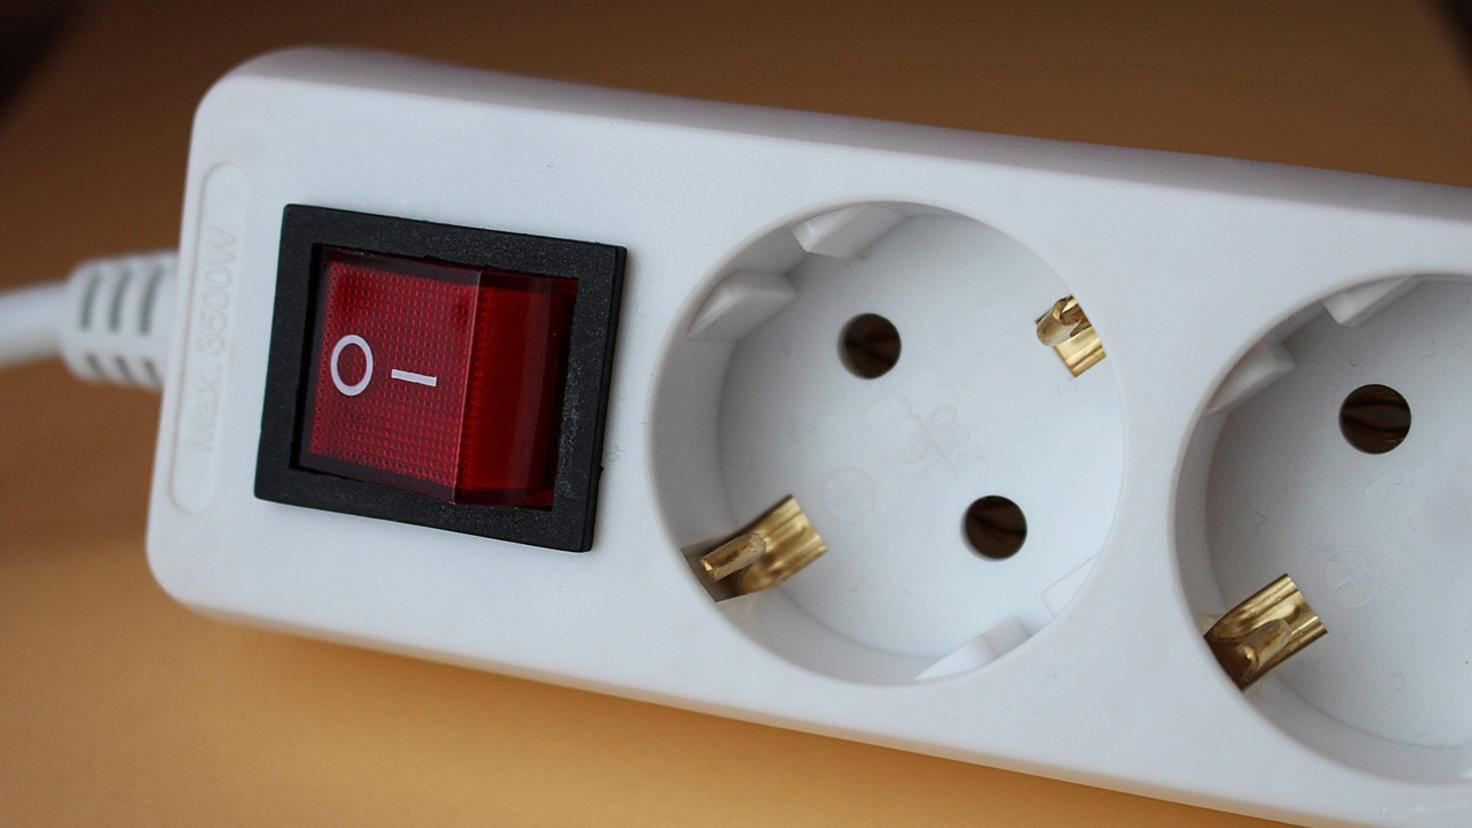 Doppelt hält besser: Mit einer schaltbaren Steckdosenleiste sind Deine elektrischen Geräte auch wirklich aus.